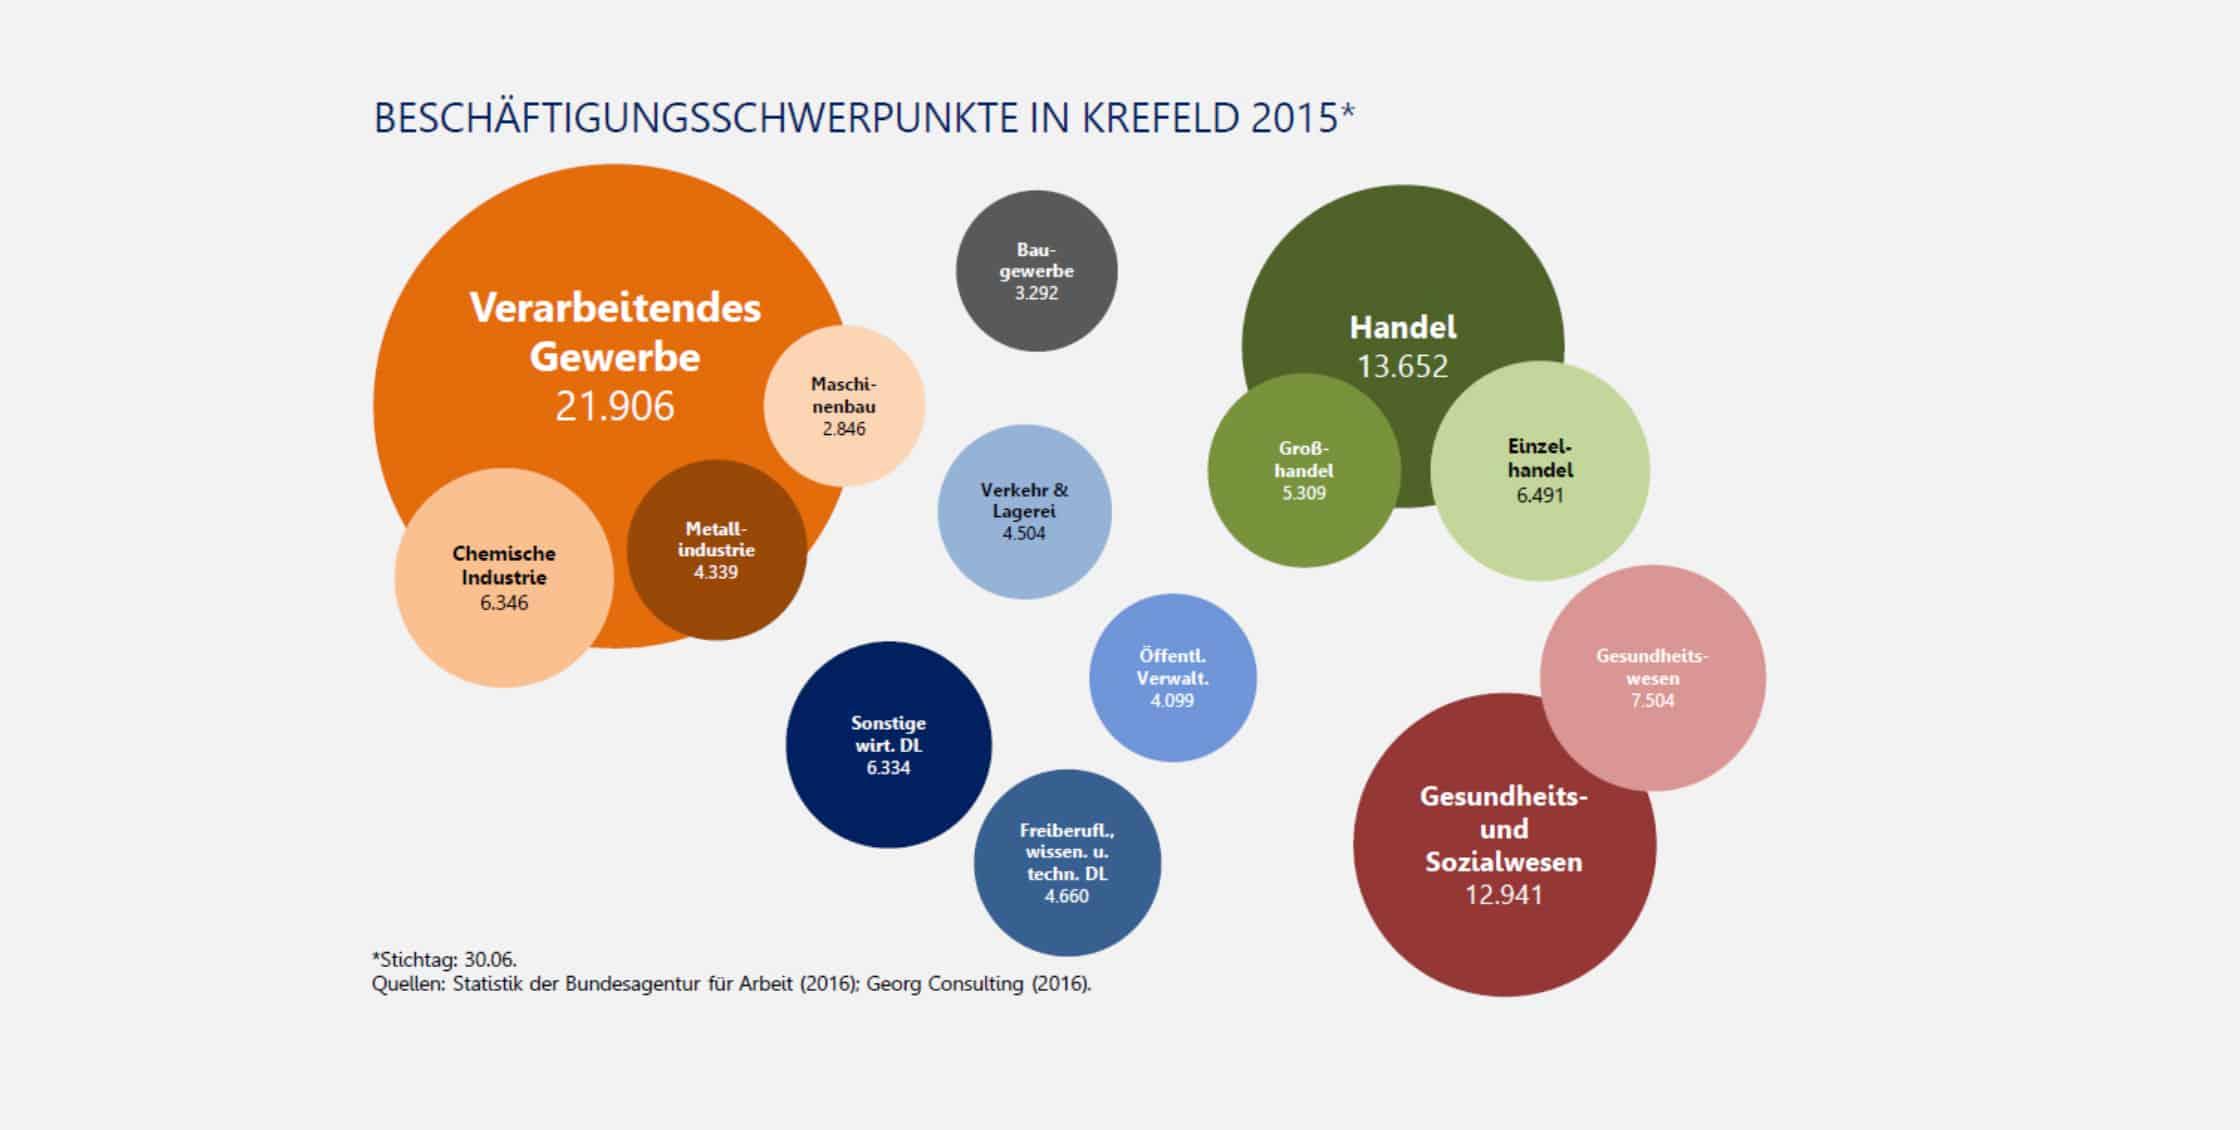 Standort Krefeld Beschäftigungsschwerpunkte